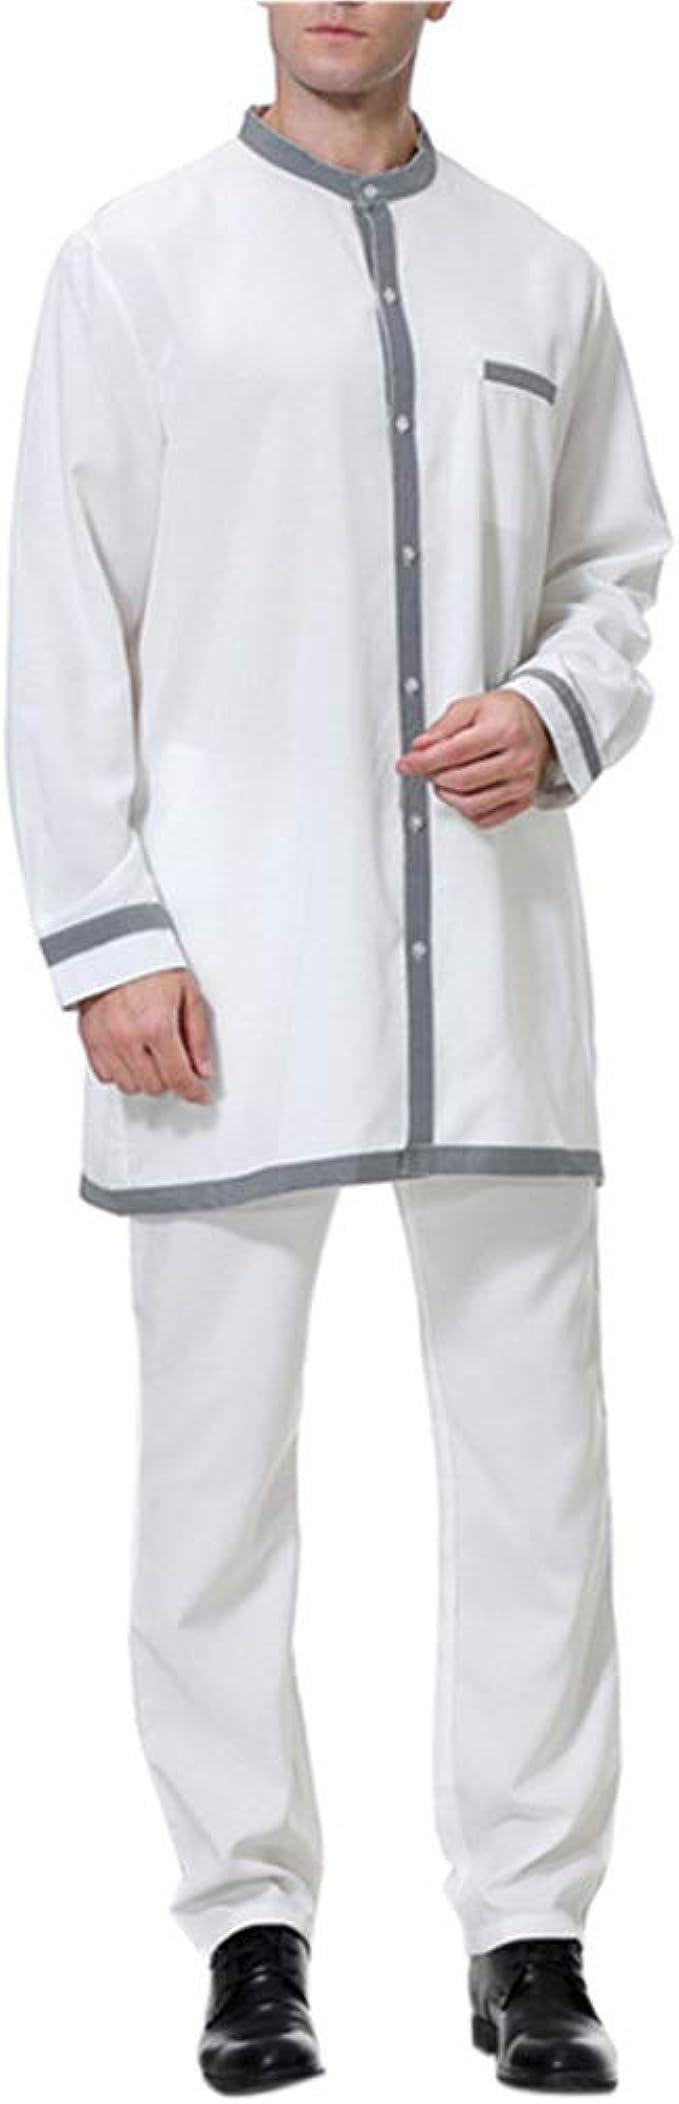 Hombre de Caftán Ropa Musulmán - Mango Maxi Vestidos Abaya Camisa Kaftan Jalabiya Traje de Coctel: Amazon.es: Ropa y accesorios